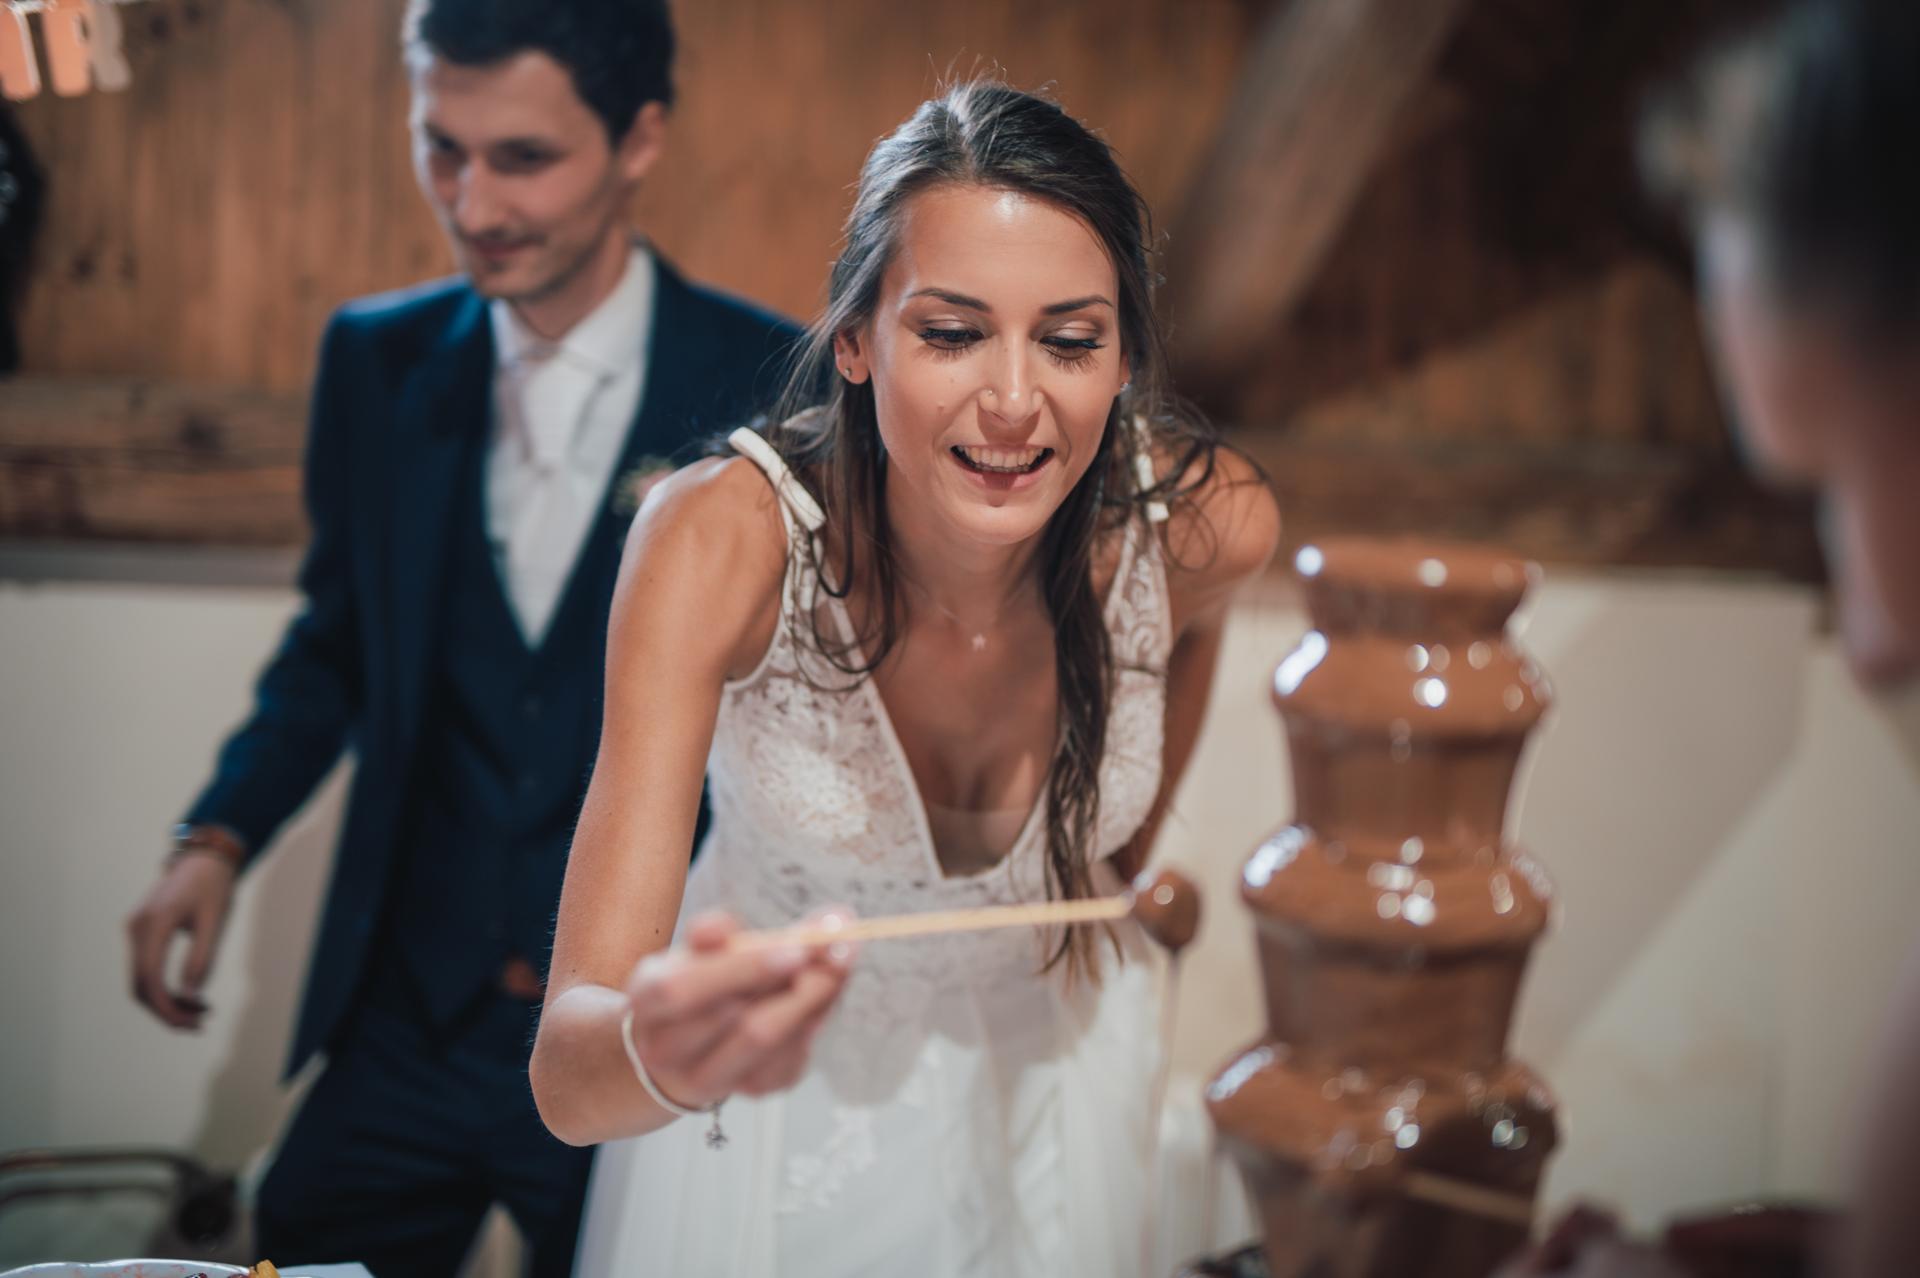 Naše další svatební fotografie - Čokoládová fontána měla úspěch.